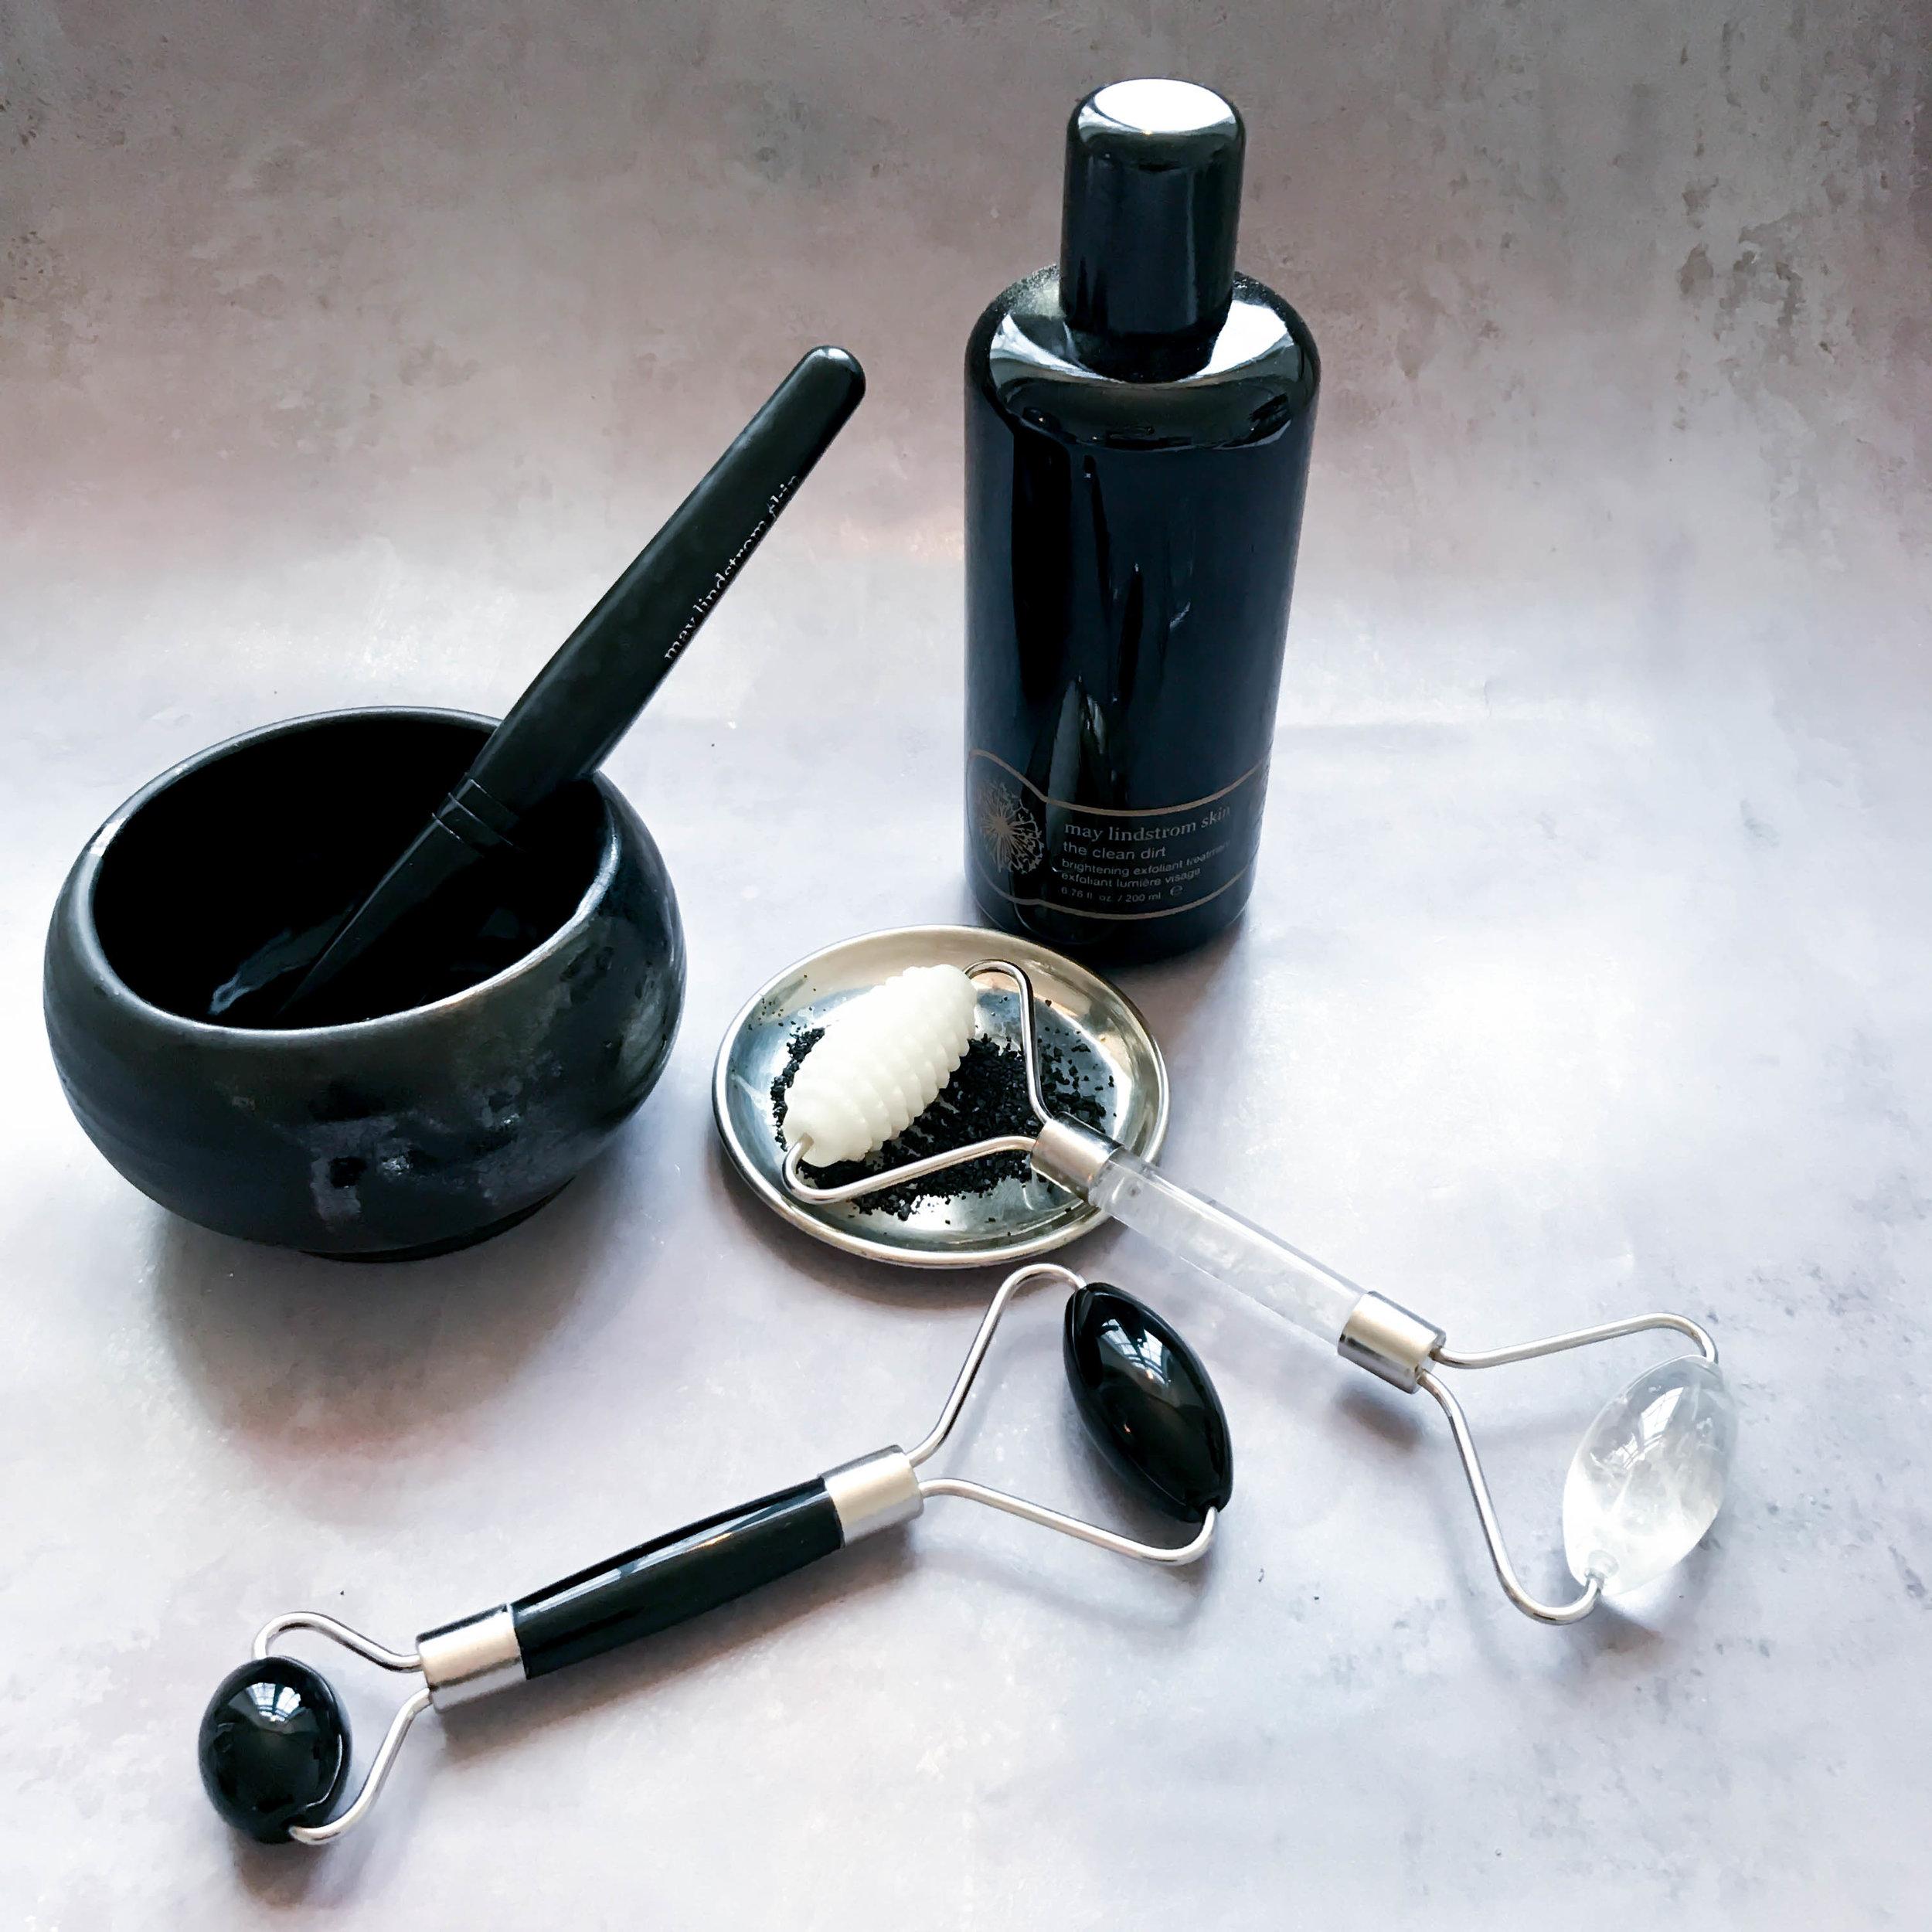 opskriften på glød jaderulle med nupper sort bjergkrystal may lindstrom clean dirt